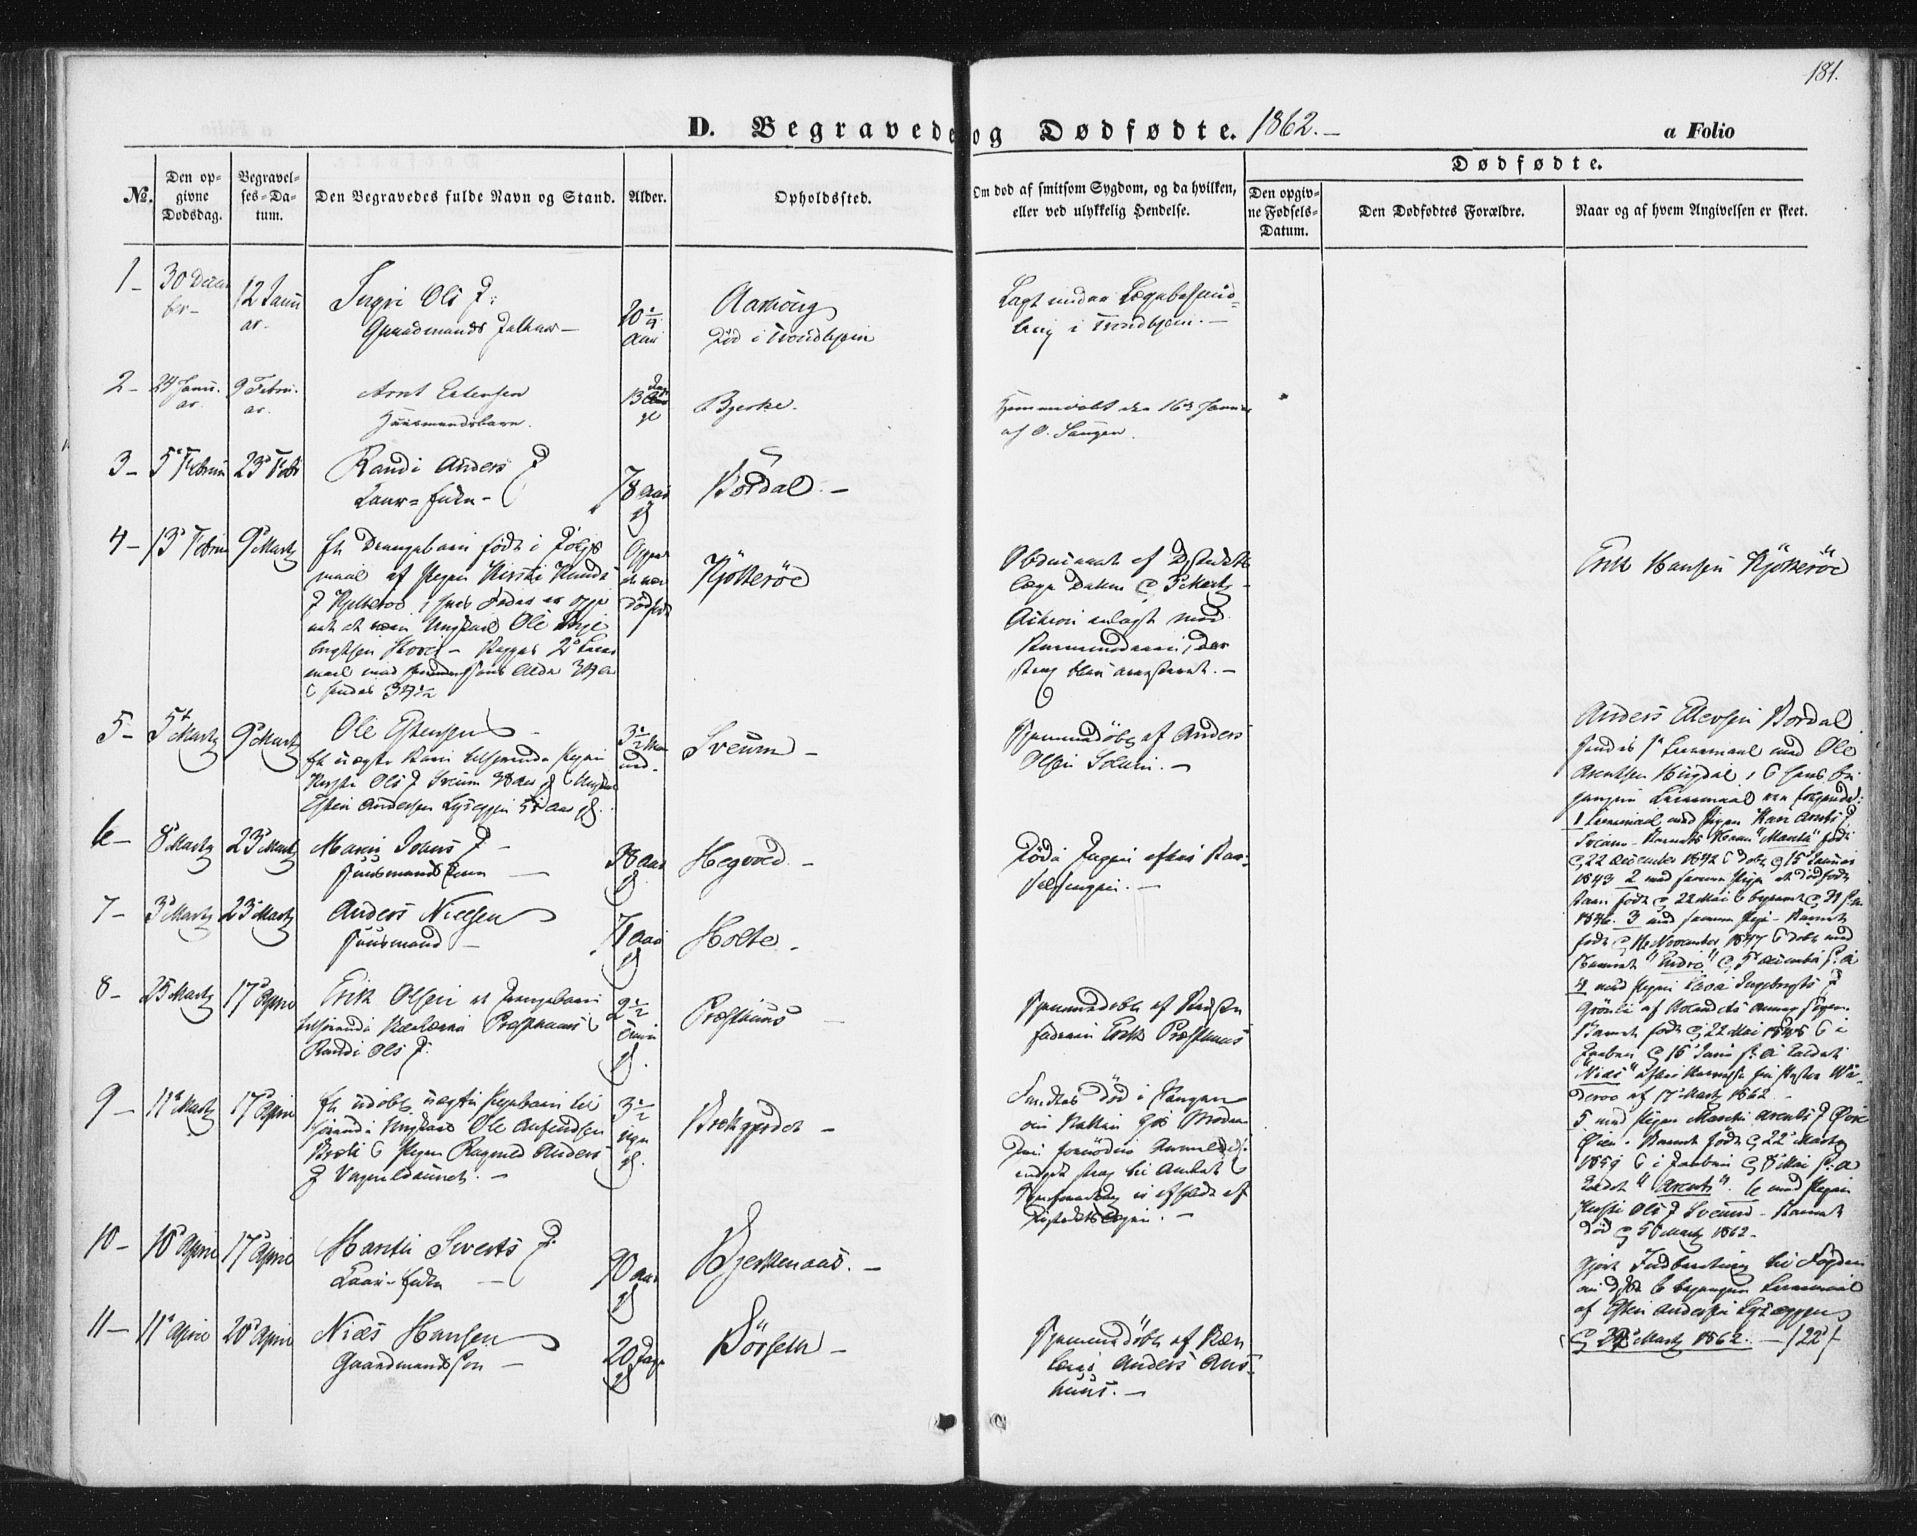 SAT, Ministerialprotokoller, klokkerbøker og fødselsregistre - Sør-Trøndelag, 689/L1038: Ministerialbok nr. 689A03, 1848-1872, s. 181